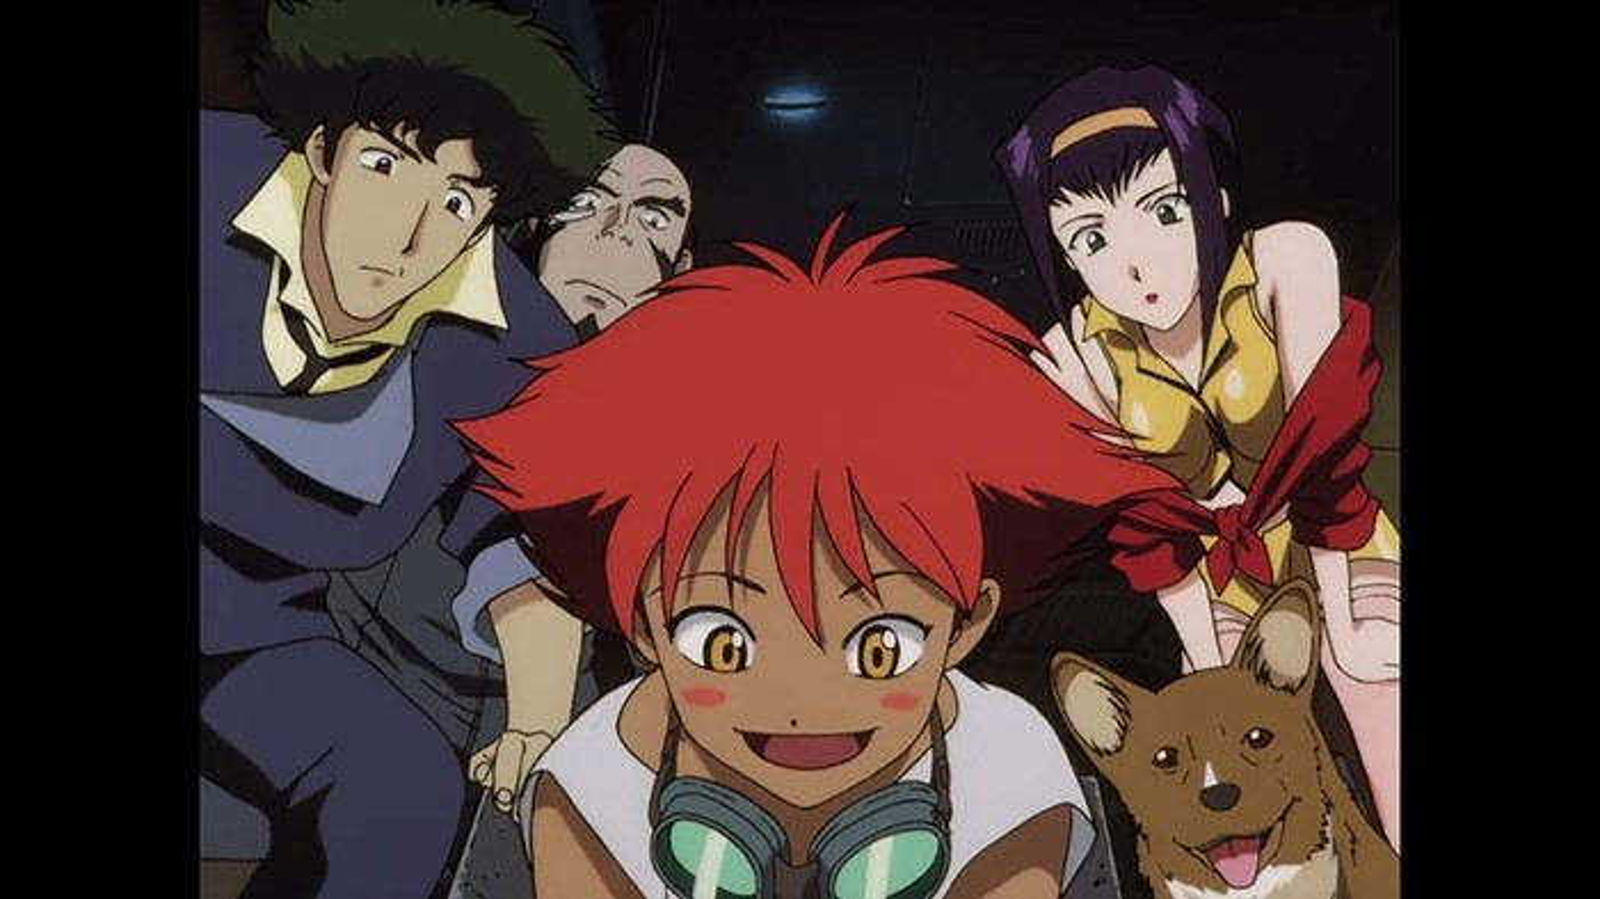 Um anime.